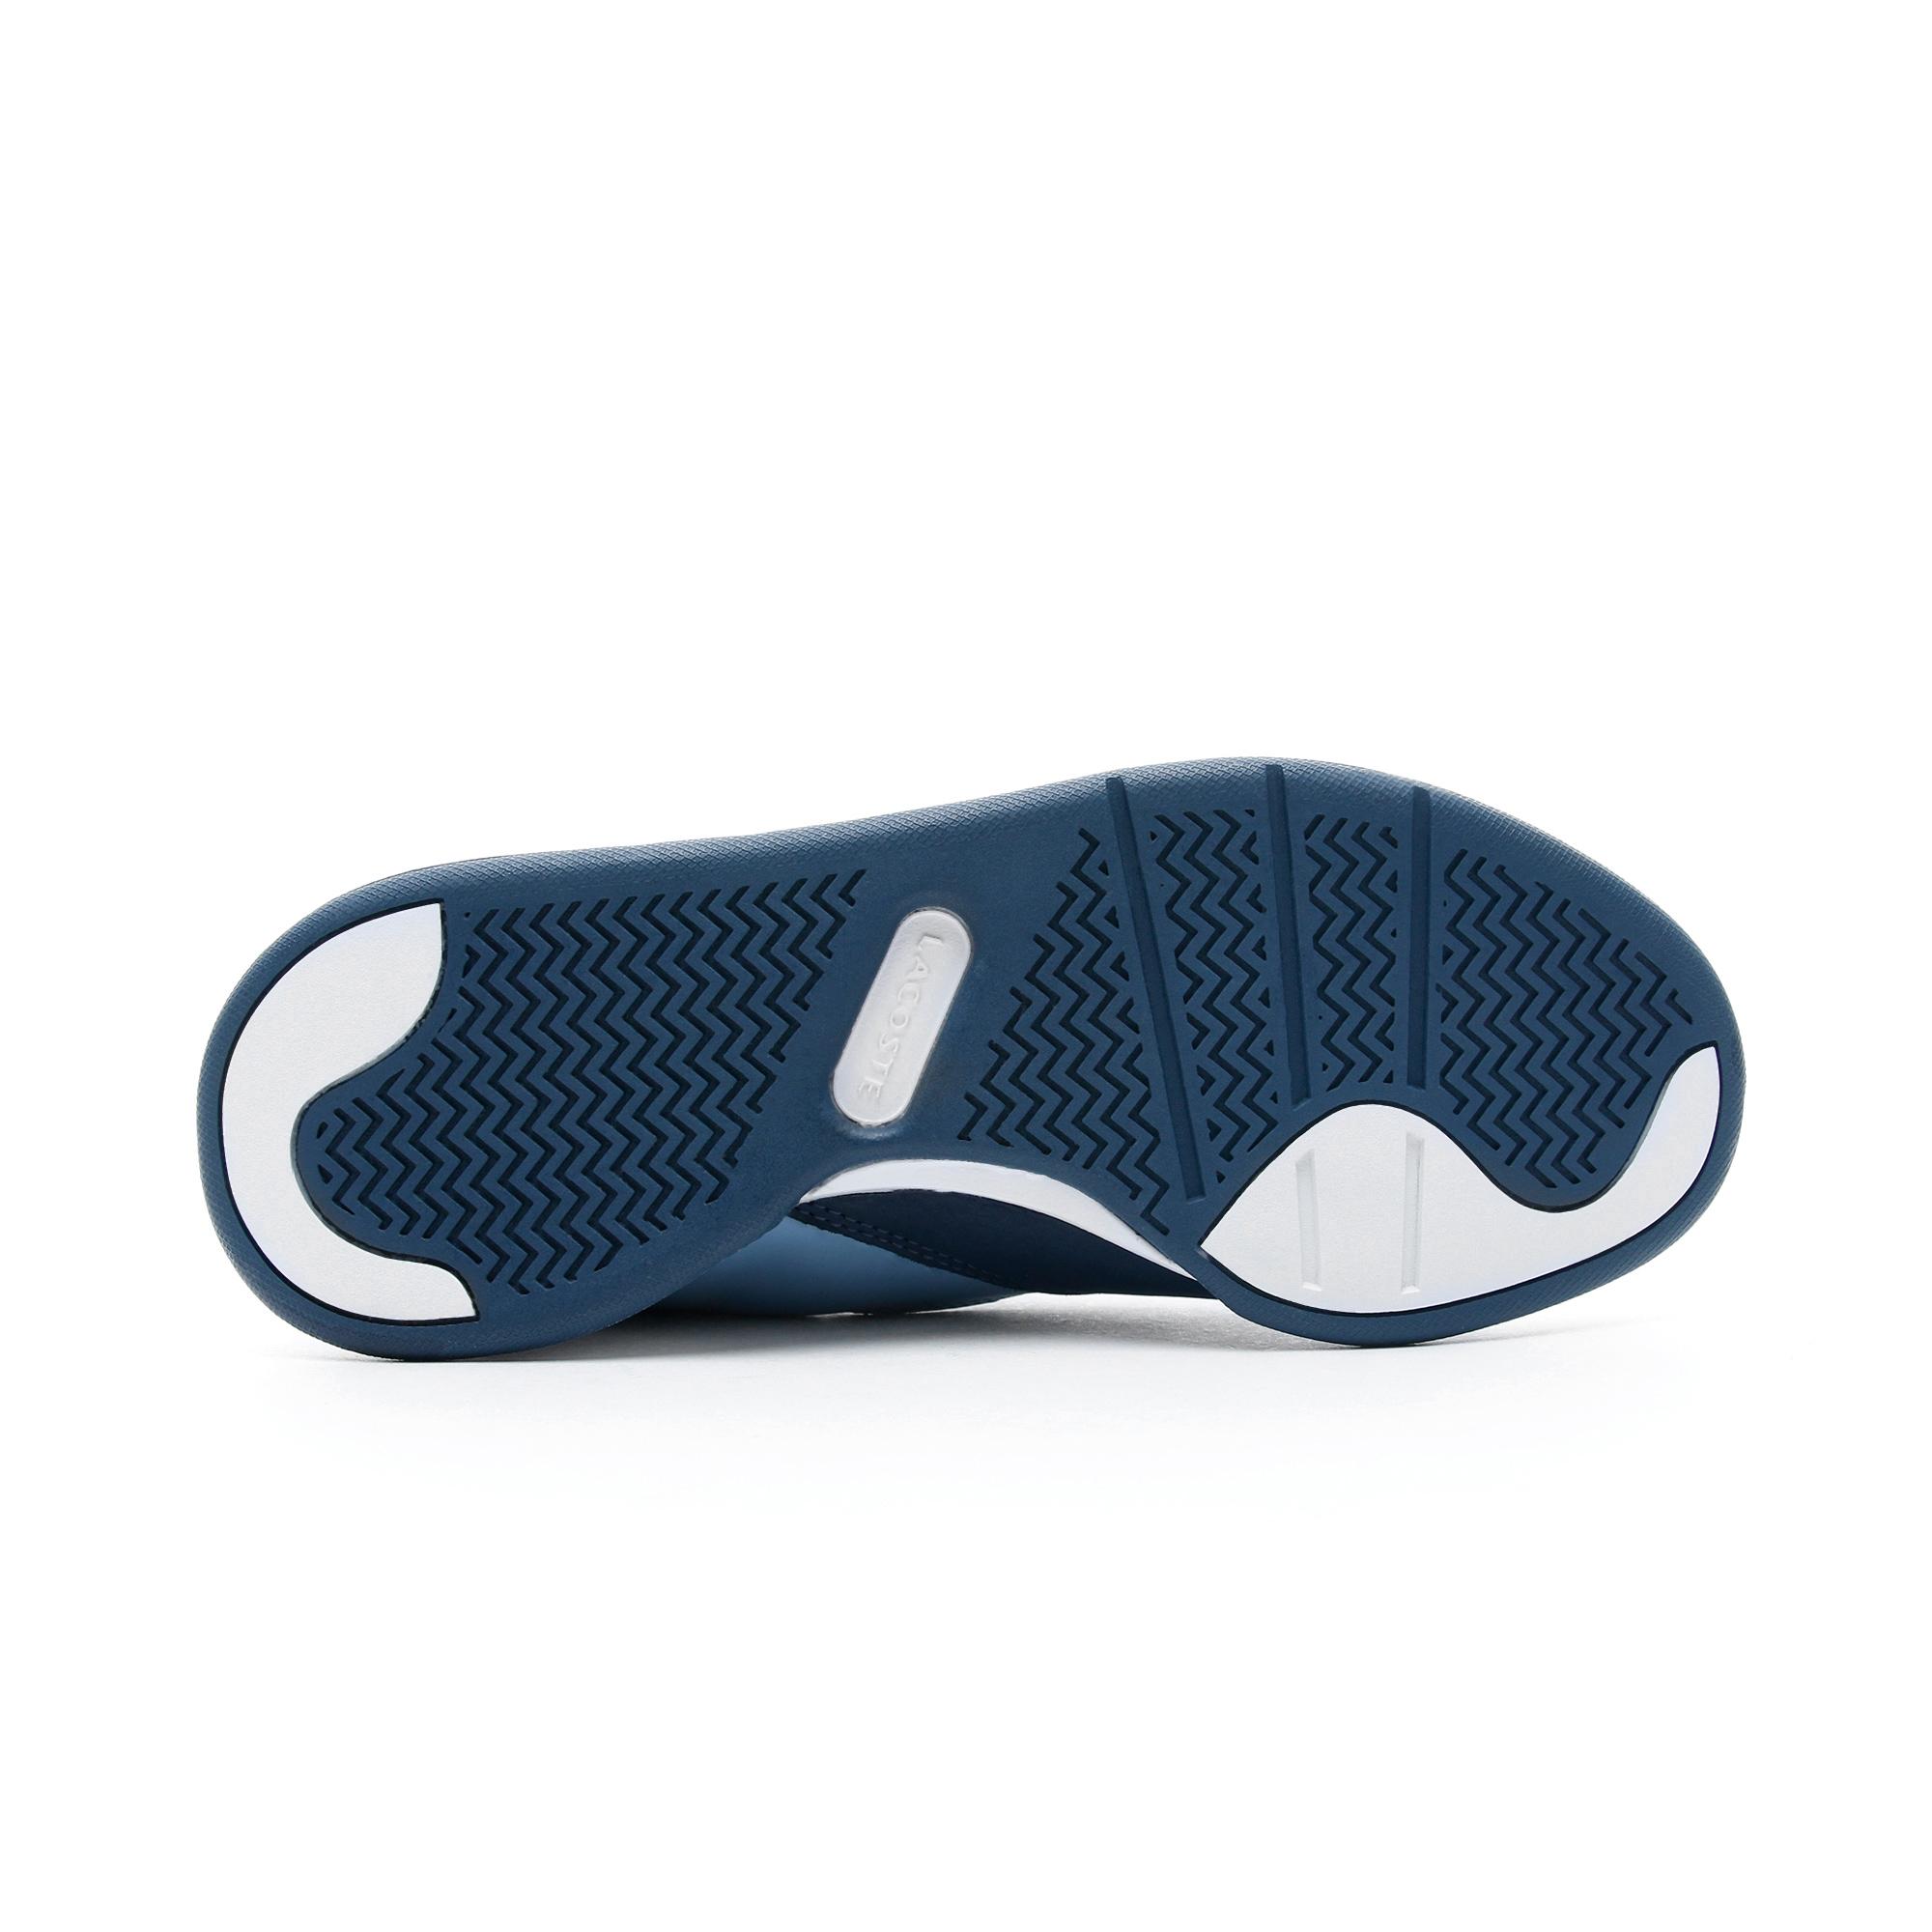 Lacoste Court Slam 219 1 Kadın Mavi Spor Ayakkabı